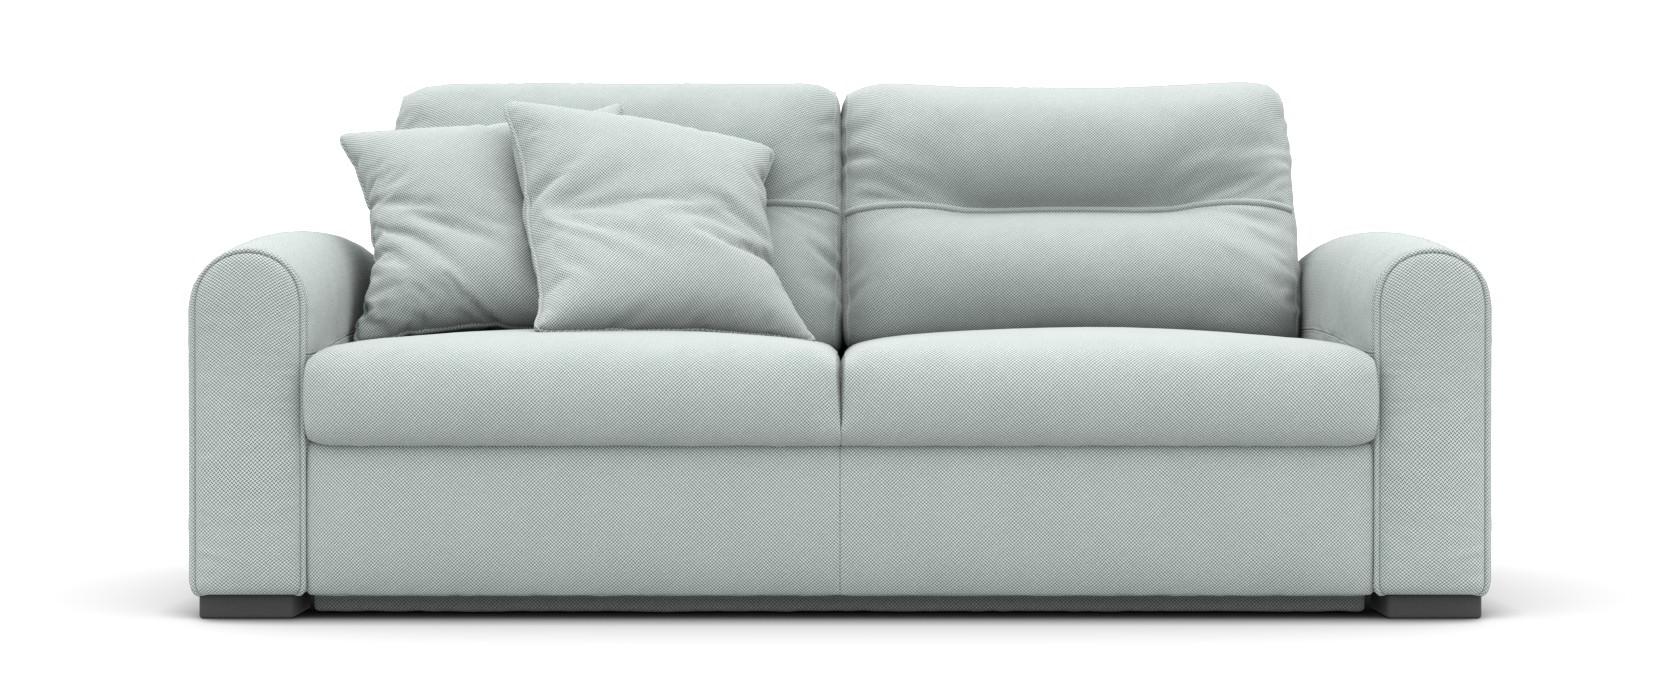 Full Size of Zweisitzer Sofa 2 Sitzer Sofas Und Couches Online Kaufen Renetti Passt Zu Dir Esszimmer Wohnlandschaft Blau U Form Xxl 3er Grau Federkern Großes Neu Beziehen Sofa Zweisitzer Sofa